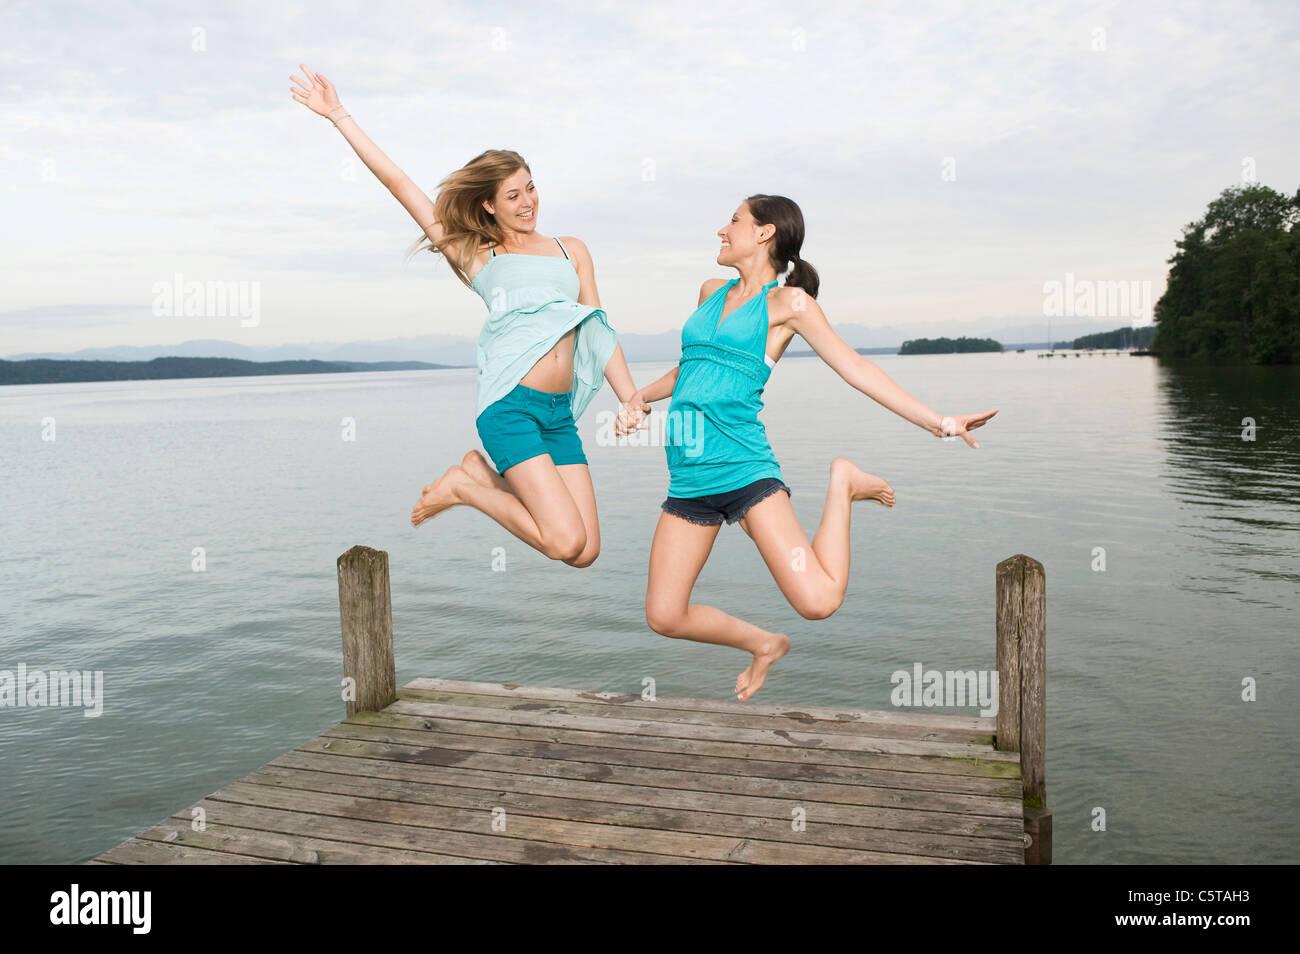 Alemania, Baviera, Starnberger See, dos mujeres jóvenes saltando sobre jetty, riendo, Retrato Imagen De Stock